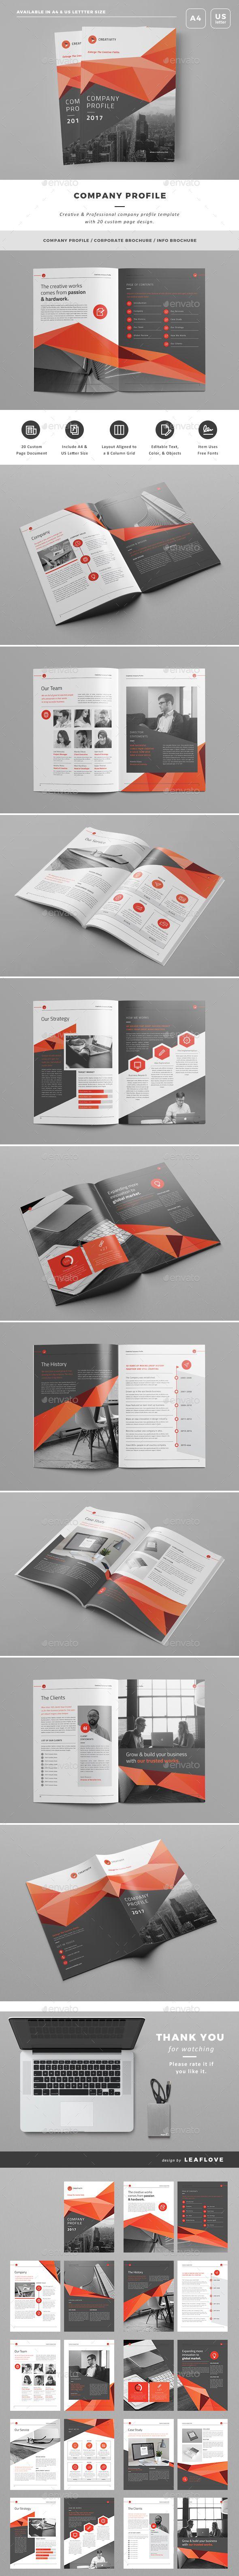 Company Profile — InDesign INDD #portfolio #design • Download ➝ https://graphicriver.net/item/company-profile/18829557?ref=pxcr